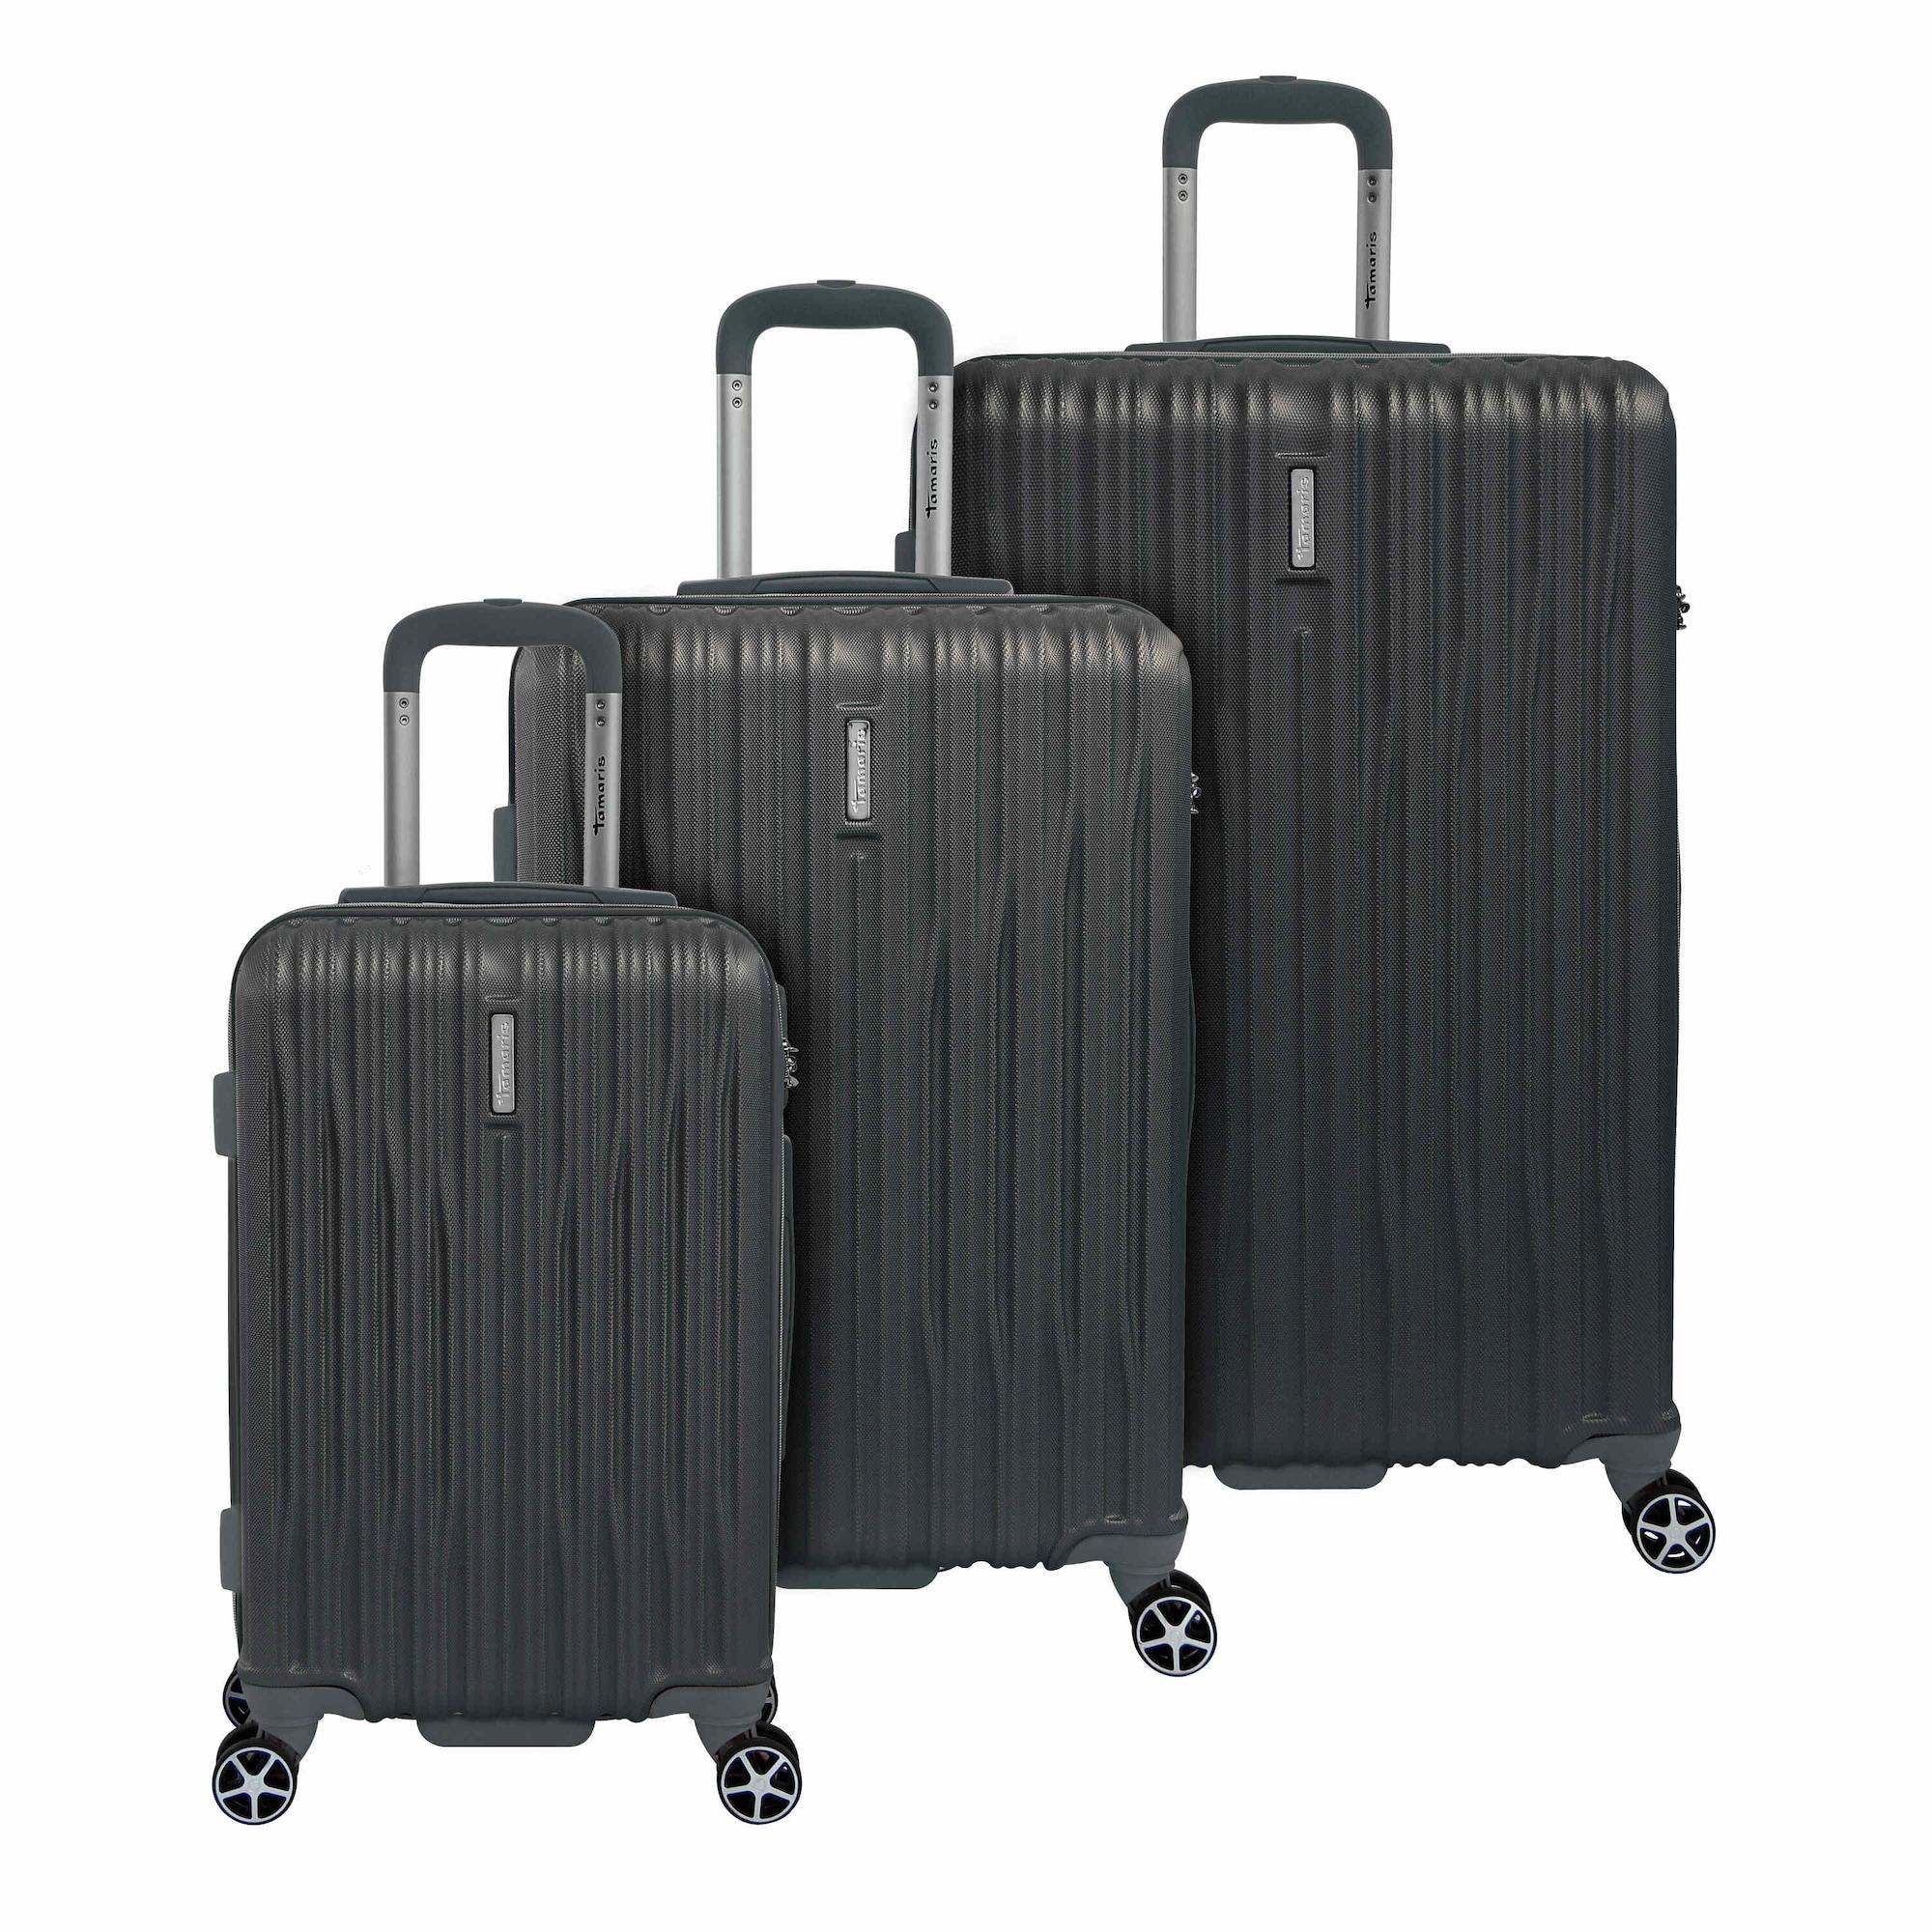 Koffer-Set | Taschen > Koffer & Trolleys > Koffersets | tamaris